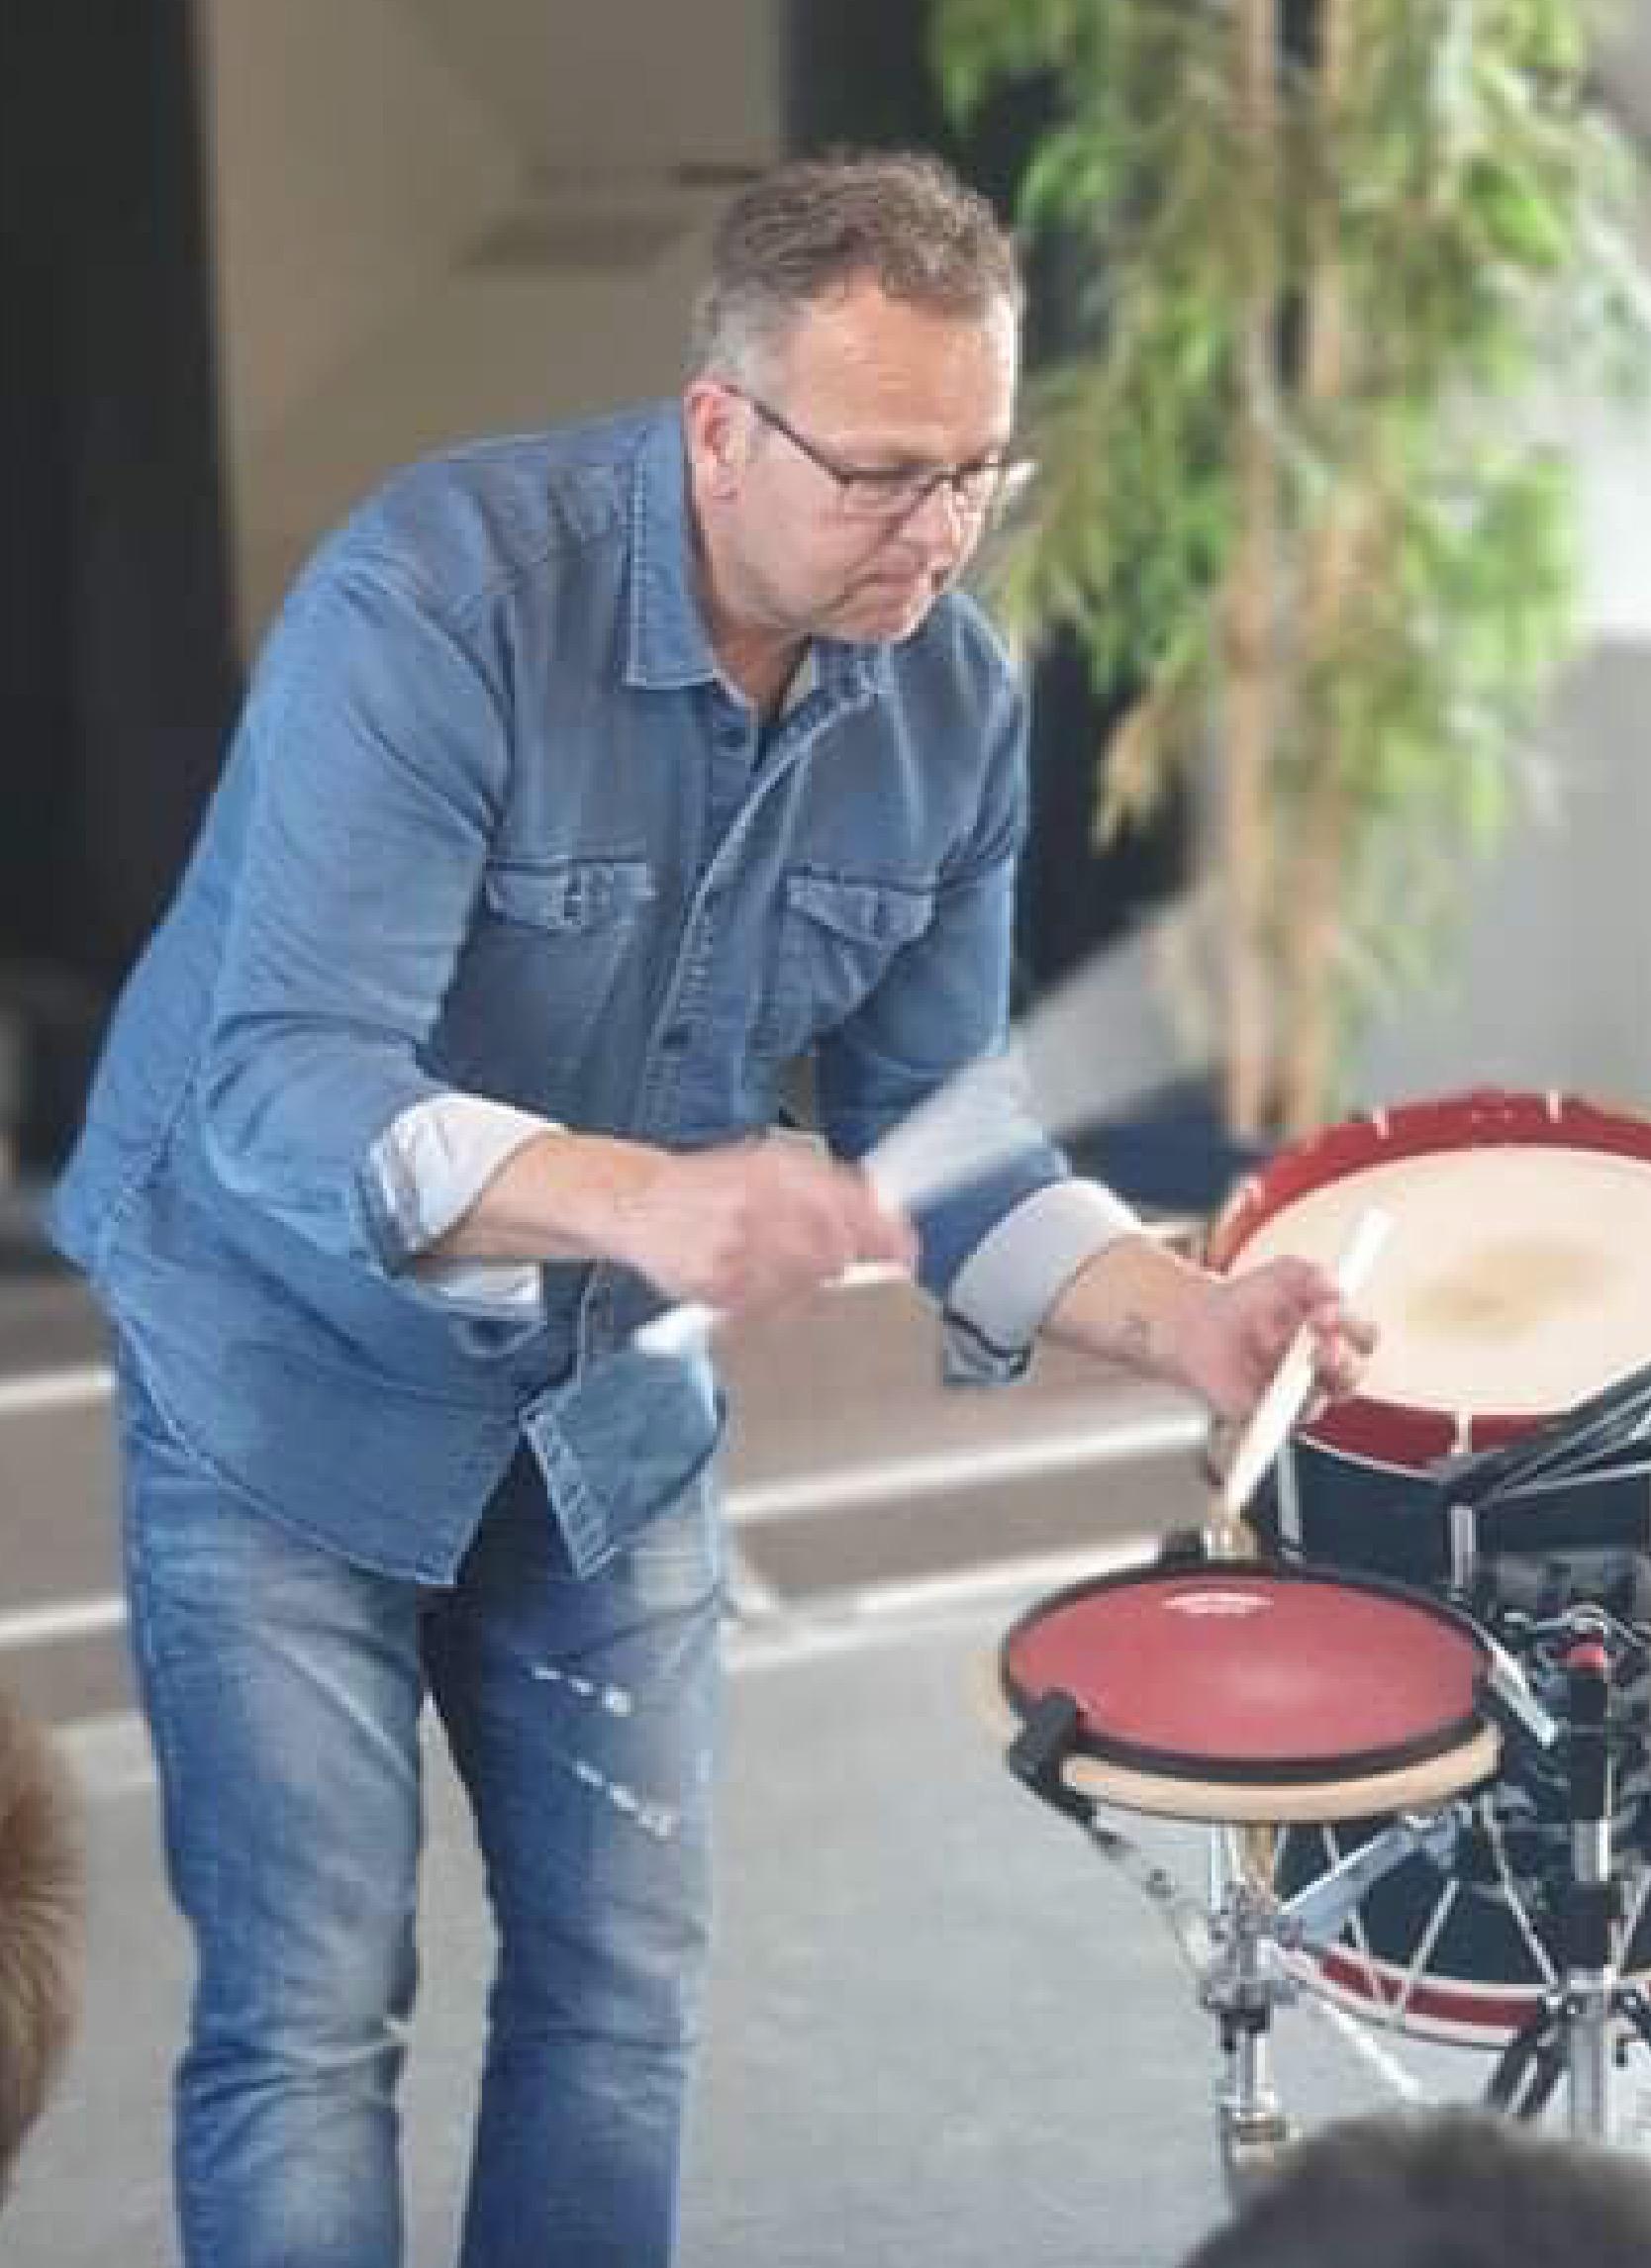 Peter Vulperhorst